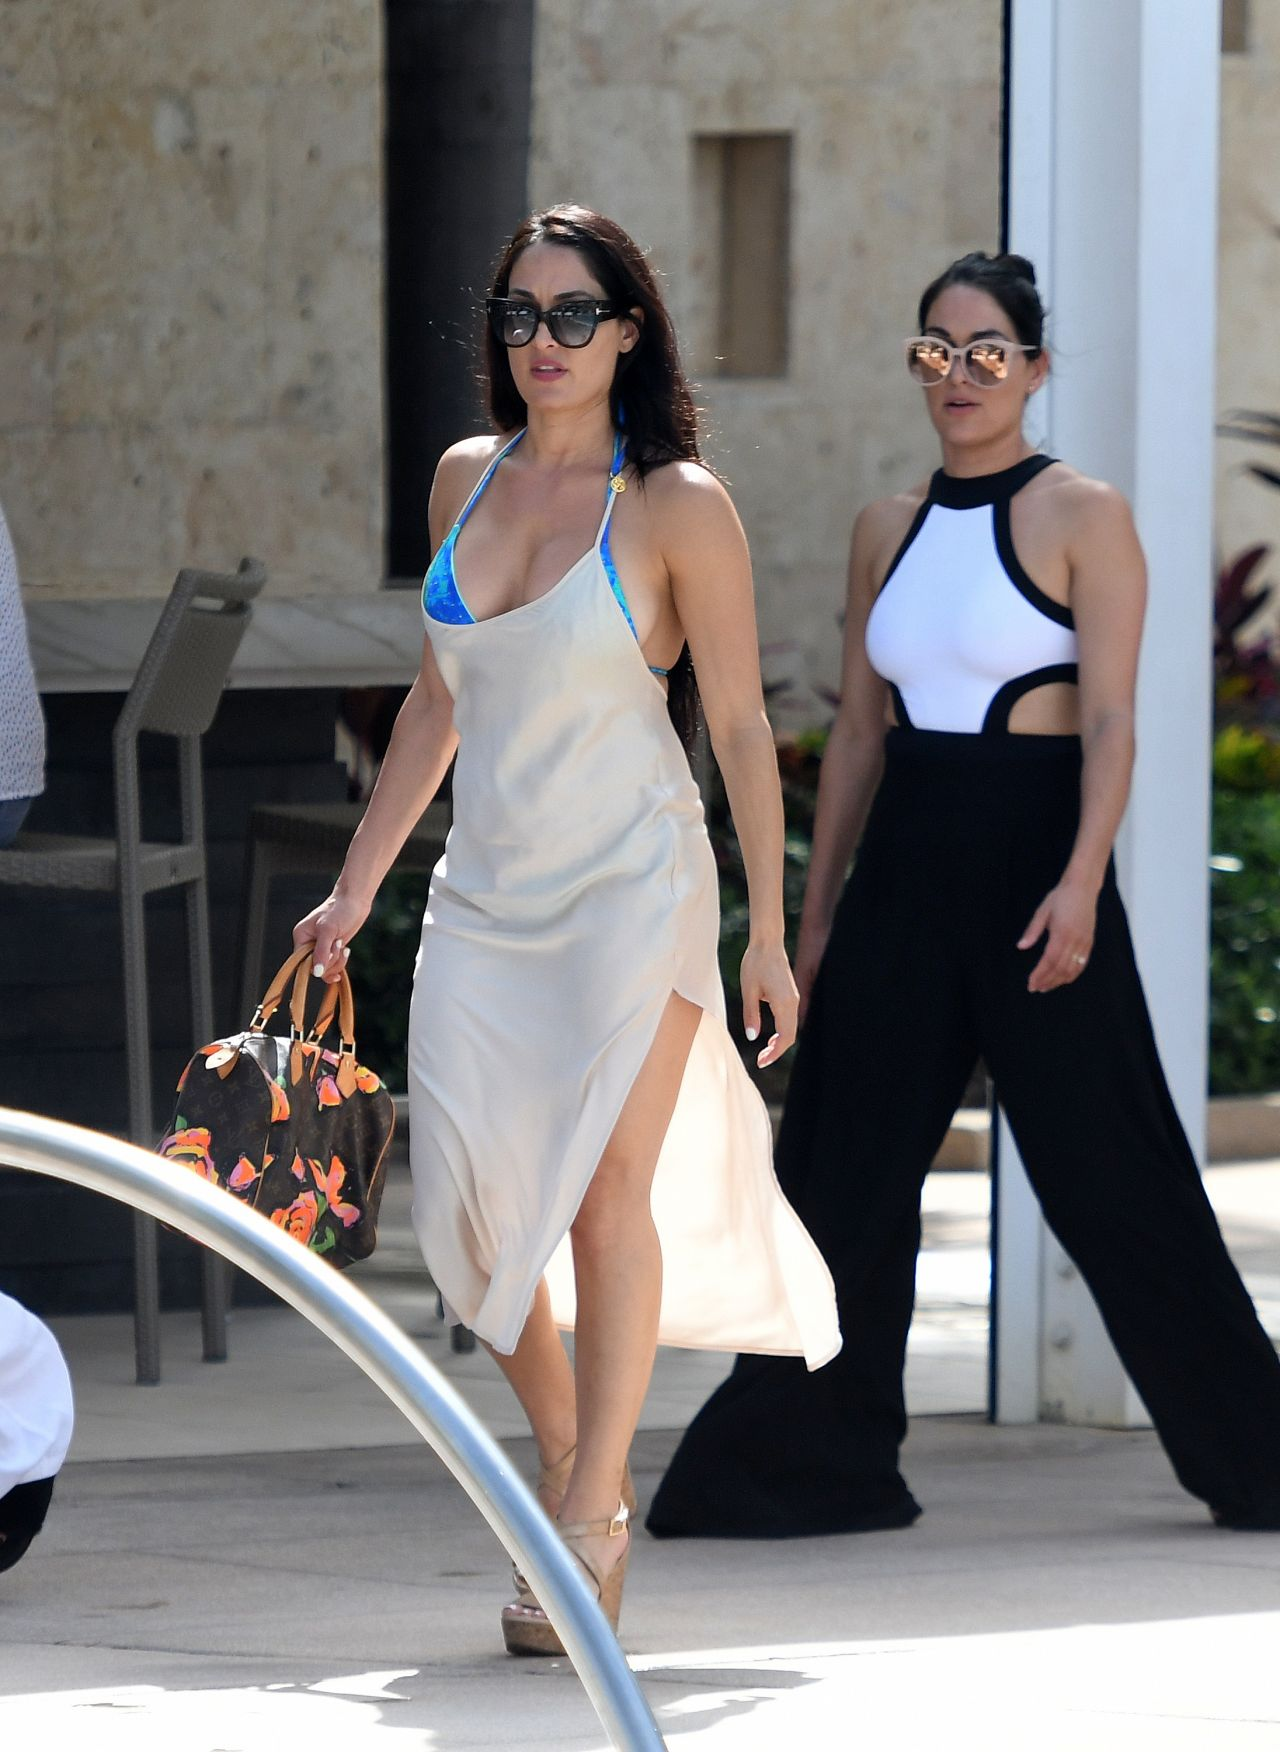 Nikki Bella In A Blue Bikini - Filming For Total Divas In -1016